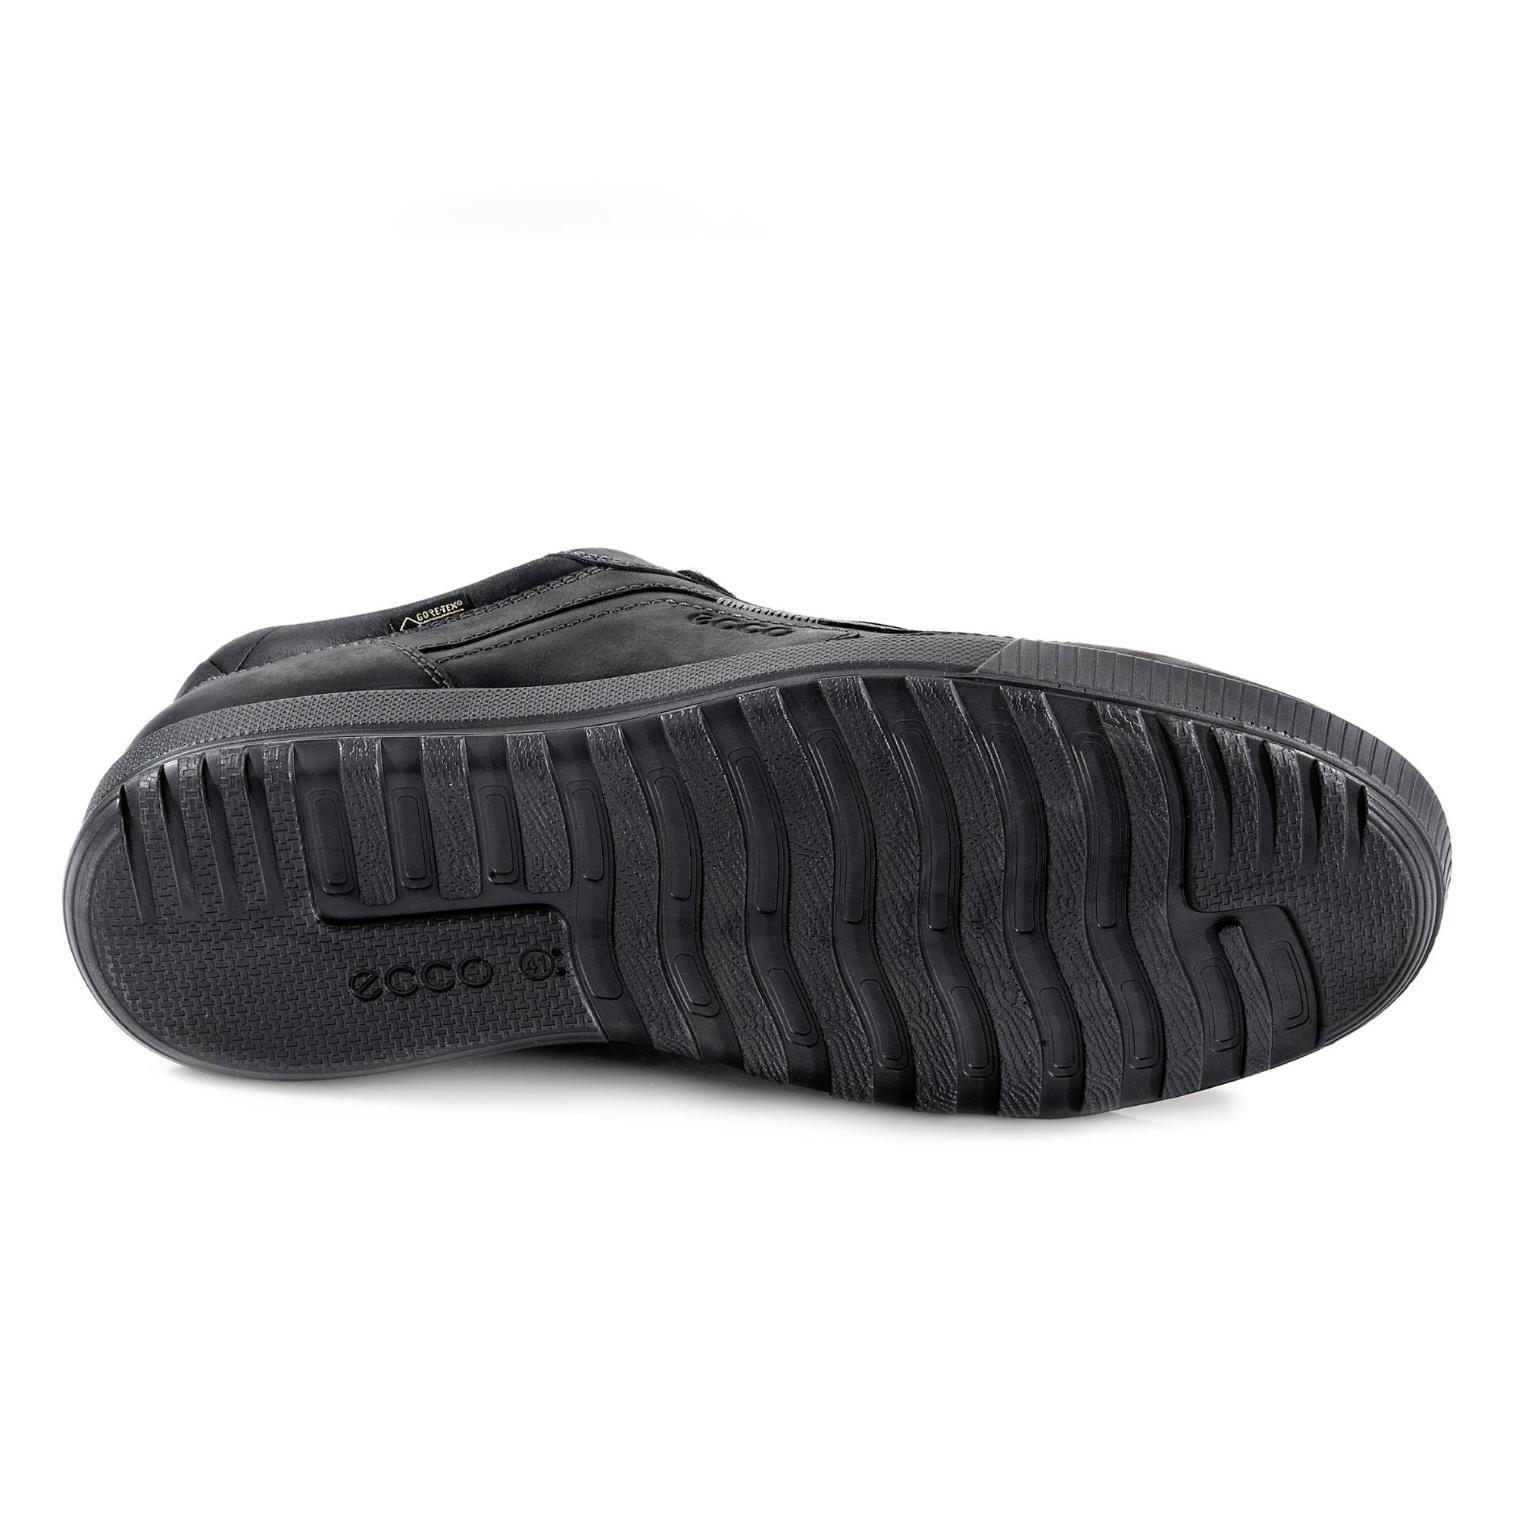 ECCO Schuhe günstig online bestellen   gebrüder götz